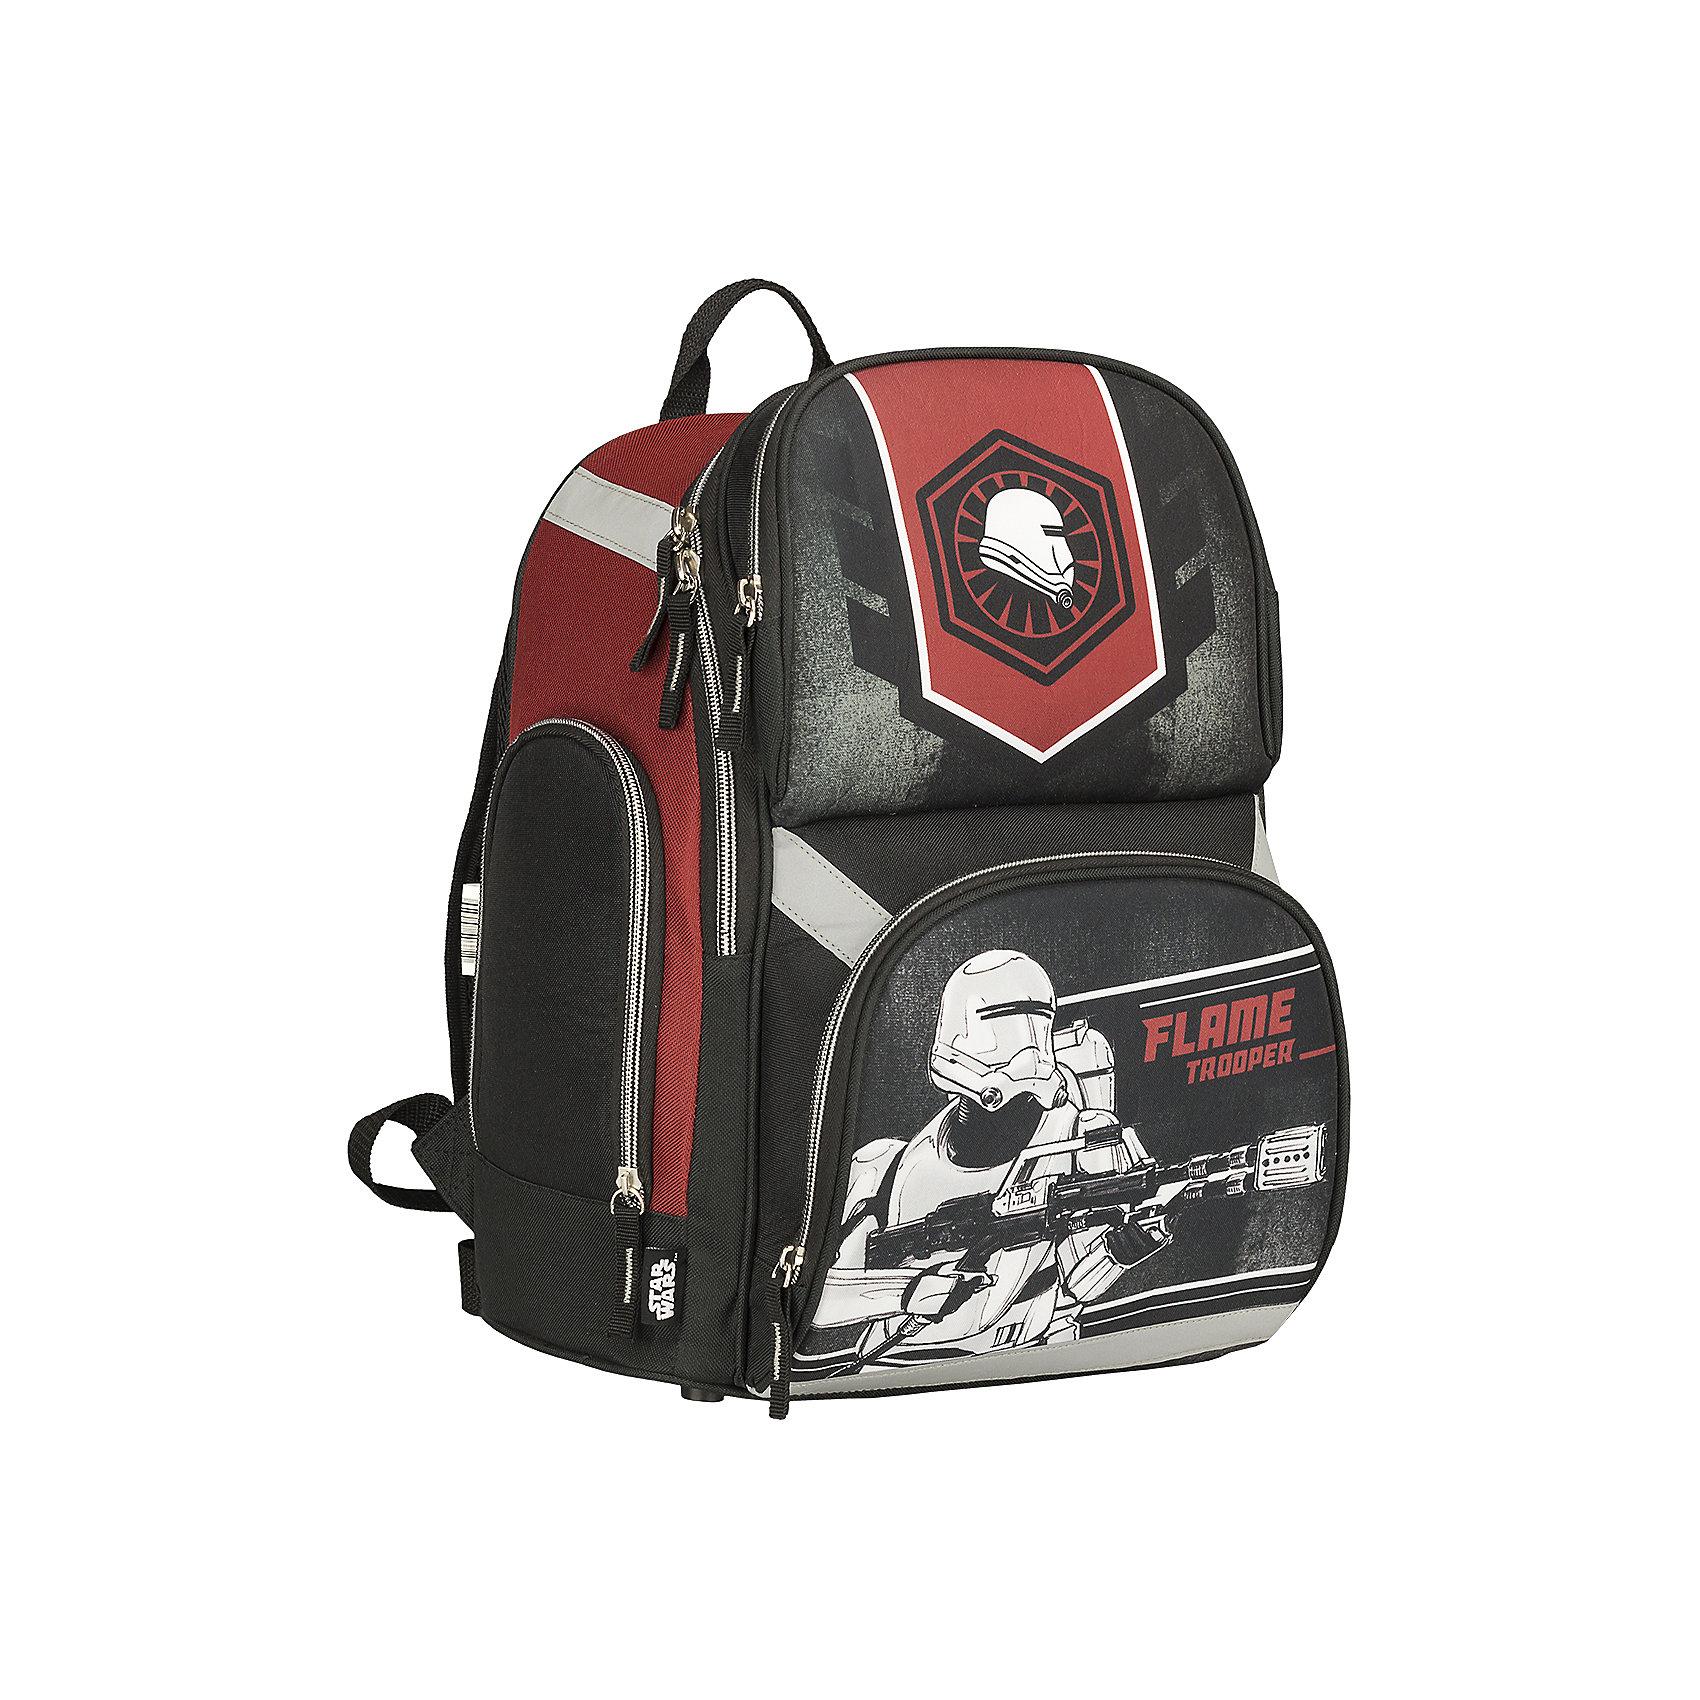 Школьный рюкзак, Star WarsЗвездные войны<br>Рюкзак, Star Wars - прекрасный вариант для школьных занятий. Рюкзак изготовлен из прочного полиэстера и имеет оригинальный дизайн в стиле популярной киноэпопеи Звездные войны. Корпус рюкзака изготовлен из современного материала EVA. Эргономичная спинка выполнена<br>в виде накладок анатомической формы из нескольких слоев вспененных синтетических материалов и обтянута воздухообменной сеткой. Широкие анатомические лямки, регулируемые по длине, равномерно распределяют нагрузку на плечевой пояс. Также есть удобная текстильная<br>ручка, за которую можно нести рюкзак. <br><br>Рюкзак закрывается на застежку-молнию, внутри одно просторное вместительное отделение с откидным внутренним дном. На лицевой стороне рюкзака расположены два больших накладных кармана, закрывающихся на молнию, также имеются карманы по бокам рюкзака (сетчатый и<br>на молнии). Светоотражающие вставки повышают безопасность ребенка на дороге.<br><br><br>Дополнительная информация:<br><br>- Материал: полиэстер.  <br>- Размер: 35 х 28 х 17,5 см.<br>- Вес: 0,65 кг.<br><br>Рюкзак, Star Wars, можно купить в нашем интернет-магазине.<br><br>Ширина мм: 280<br>Глубина мм: 175<br>Высота мм: 350<br>Вес г: 650<br>Возраст от месяцев: 96<br>Возраст до месяцев: 108<br>Пол: Мужской<br>Возраст: Детский<br>SKU: 4681148